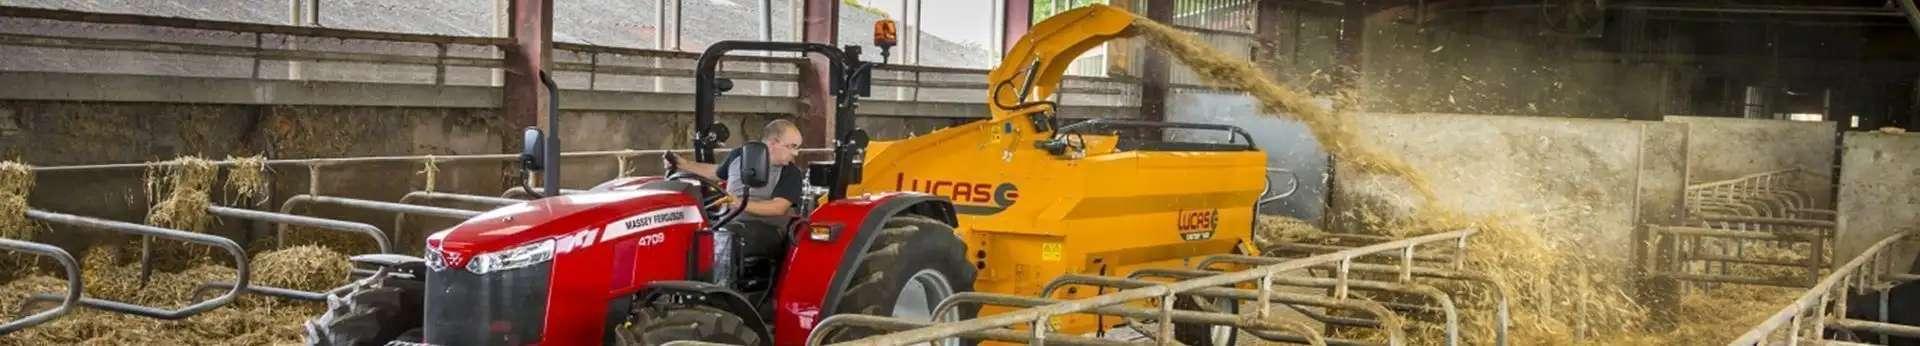 Lucas Castor R ścielarka zdjęcie podczas pracy w oborze